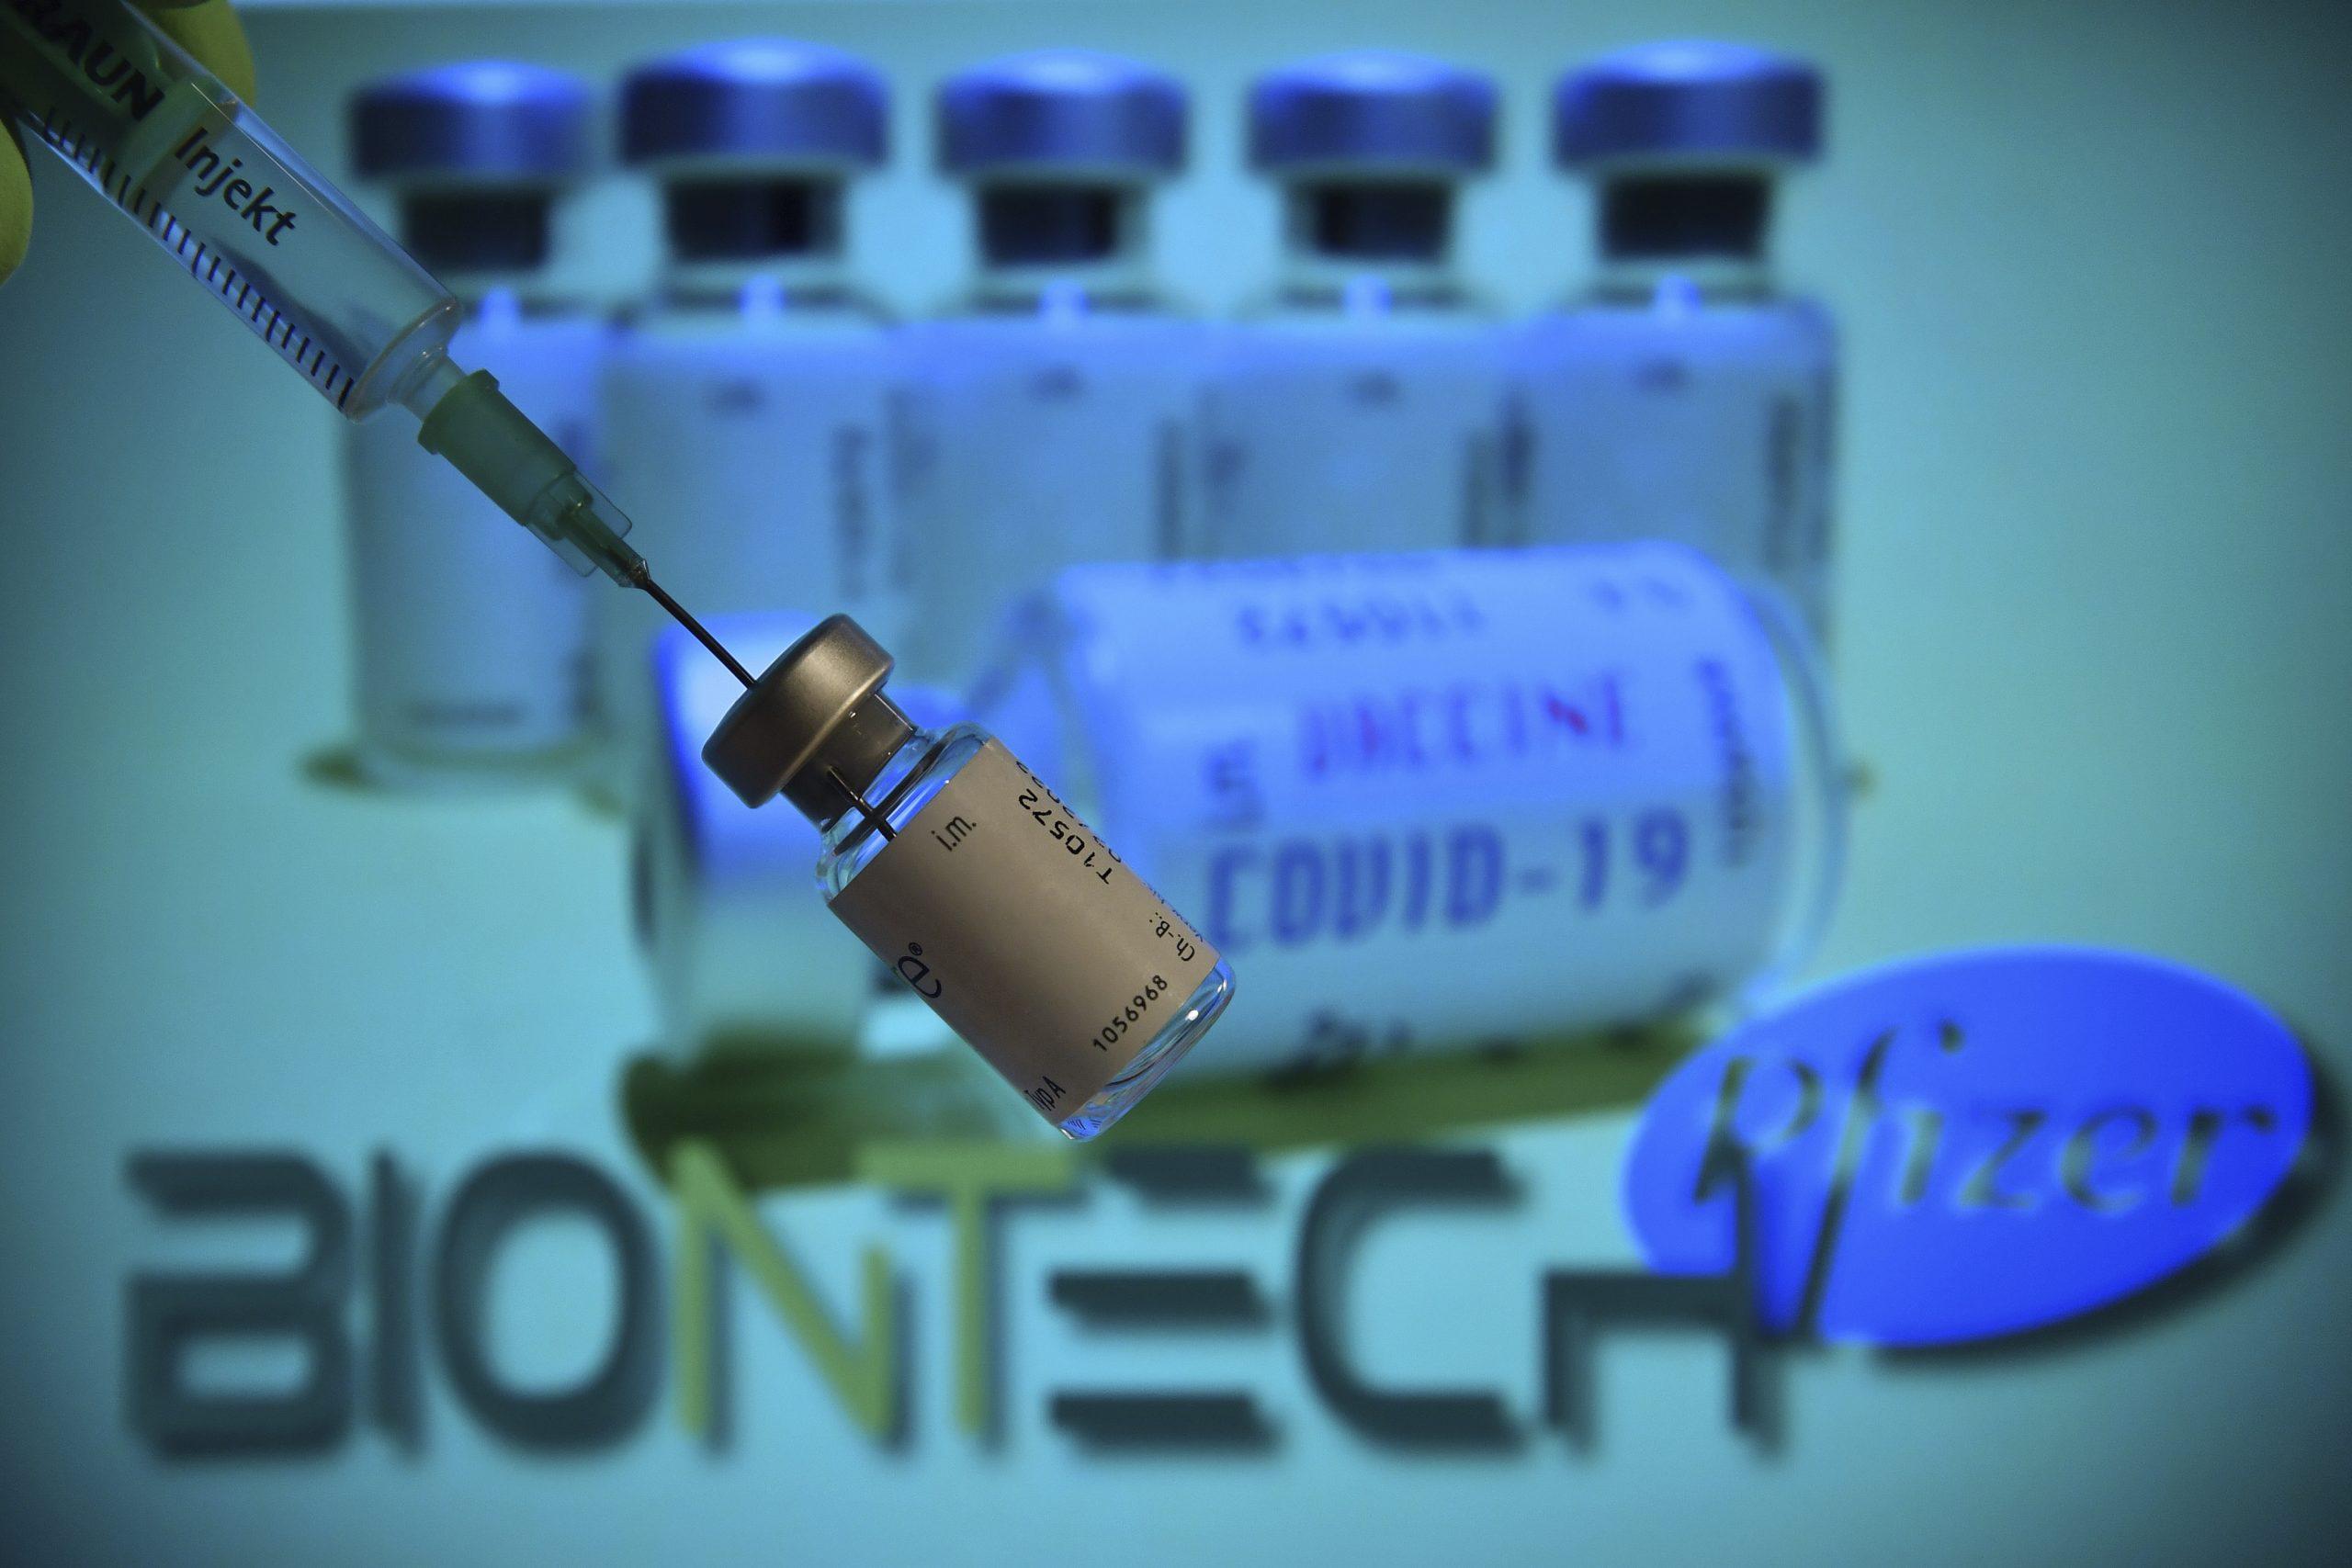 ファイザーがワクチン緊急使用許可を申請、クリスマス前に供給へ